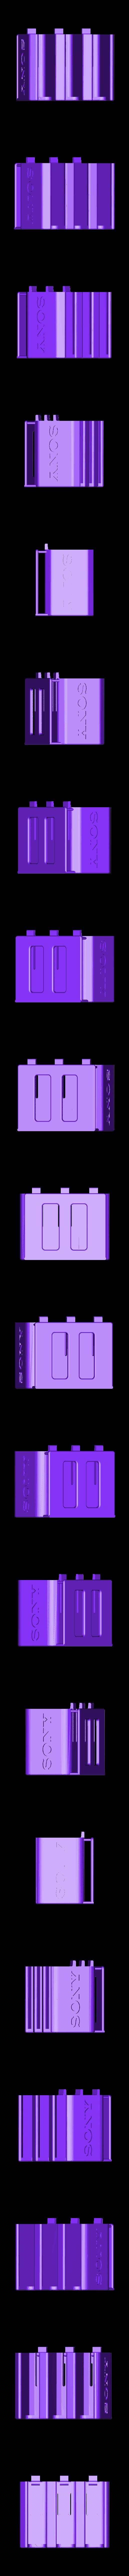 076_NP-FW50.stl Télécharger fichier STL gratuit Sony NP-FW50 3-Battery Holder avec guide de ceinture • Design pour impression 3D, KShapley